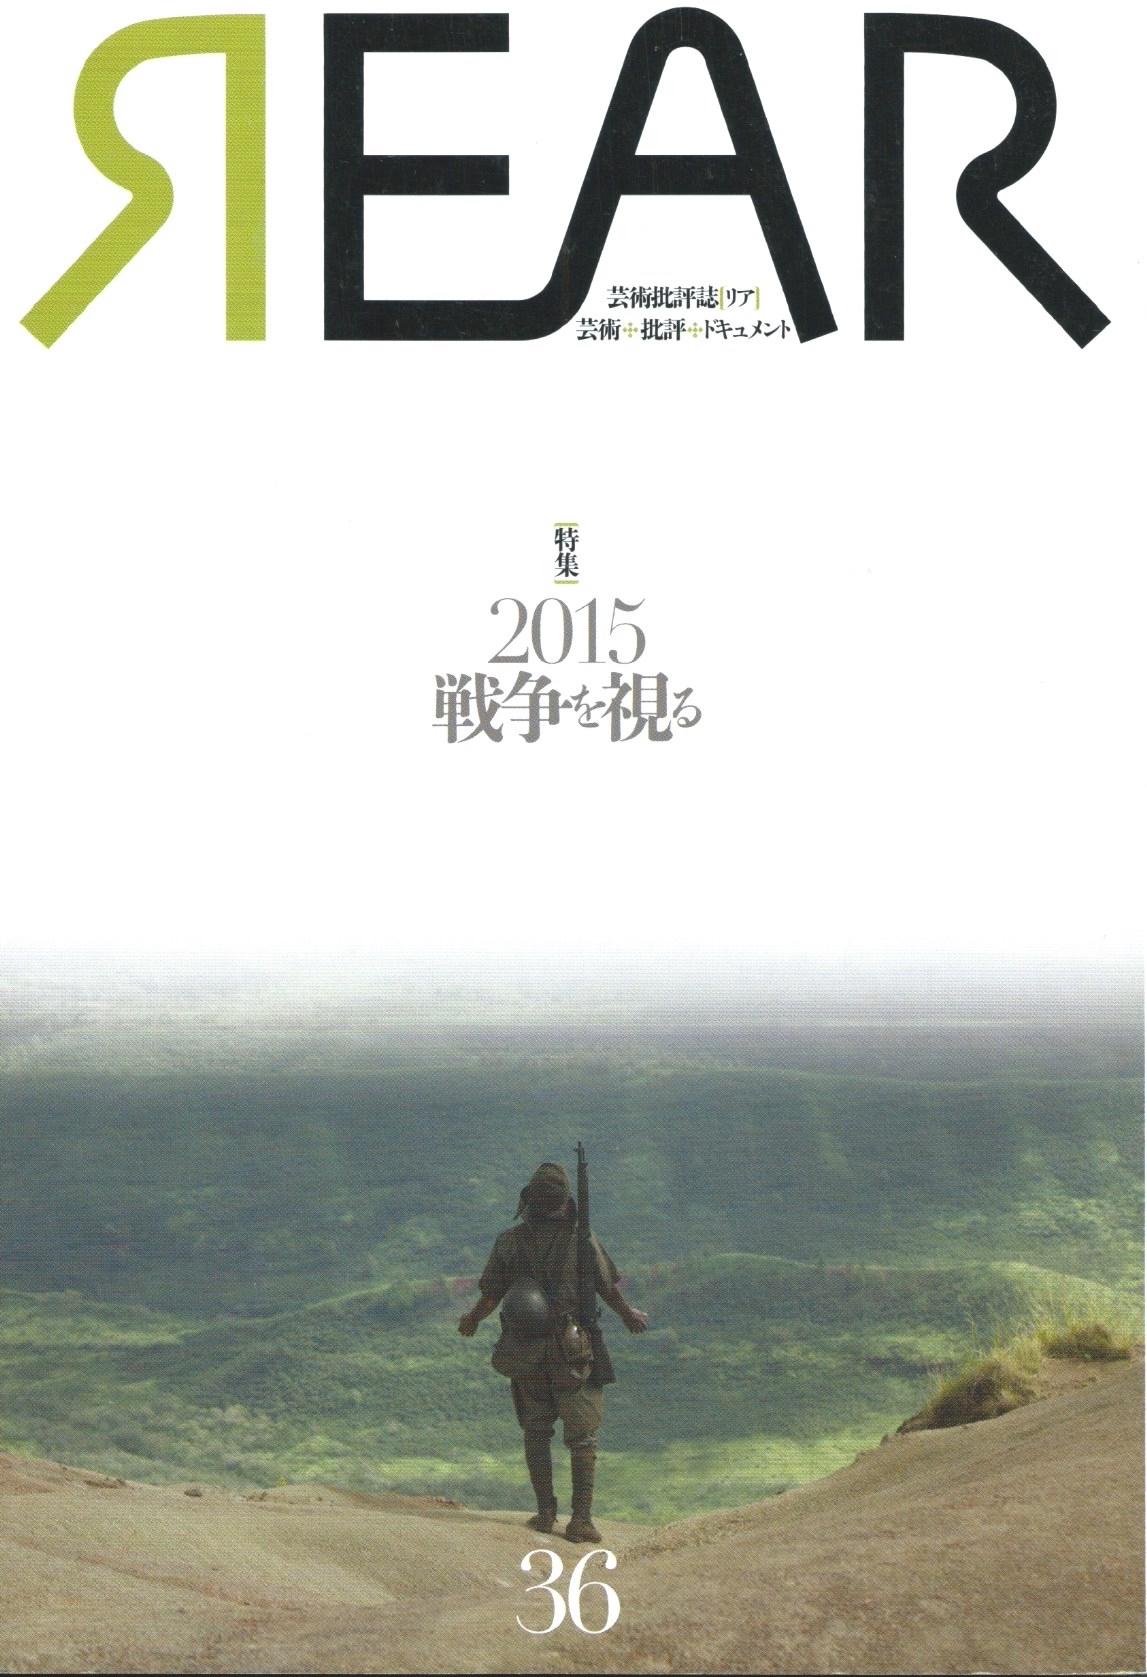 REAR no.36 2015 戦争を視る